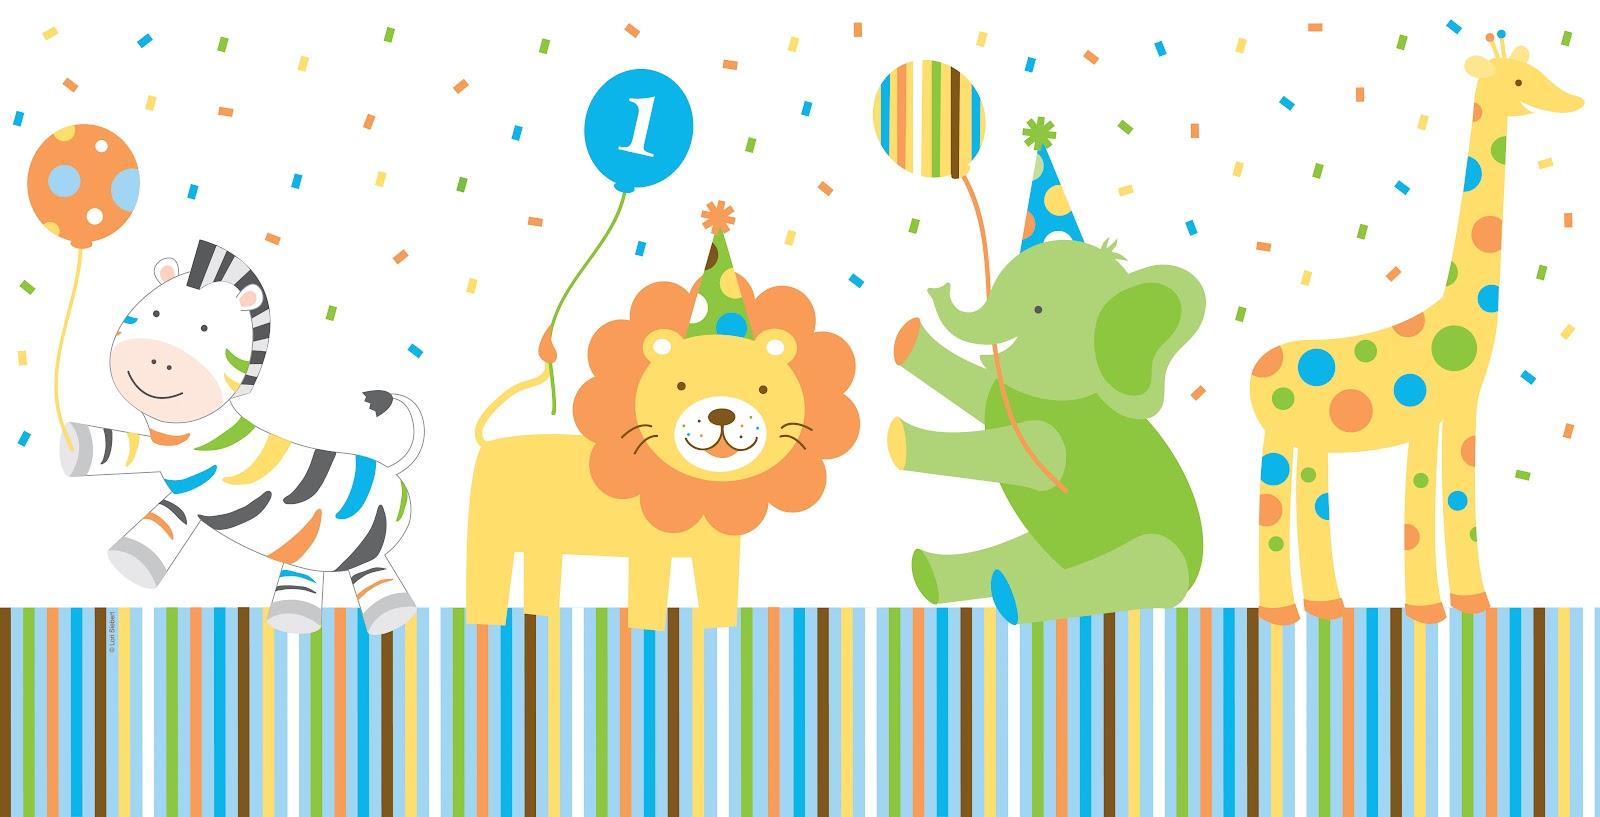 Imagenes de cumpleaños para el primer año